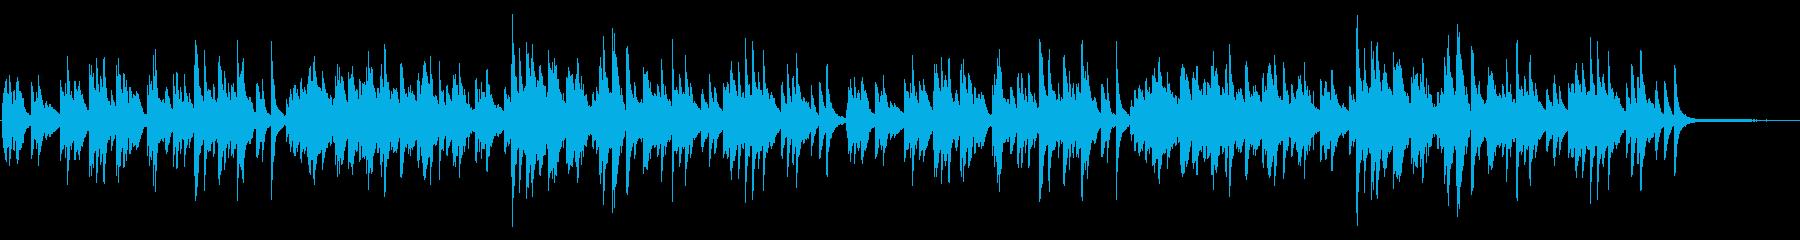 優しい雰囲気のピアノソロ 06の再生済みの波形